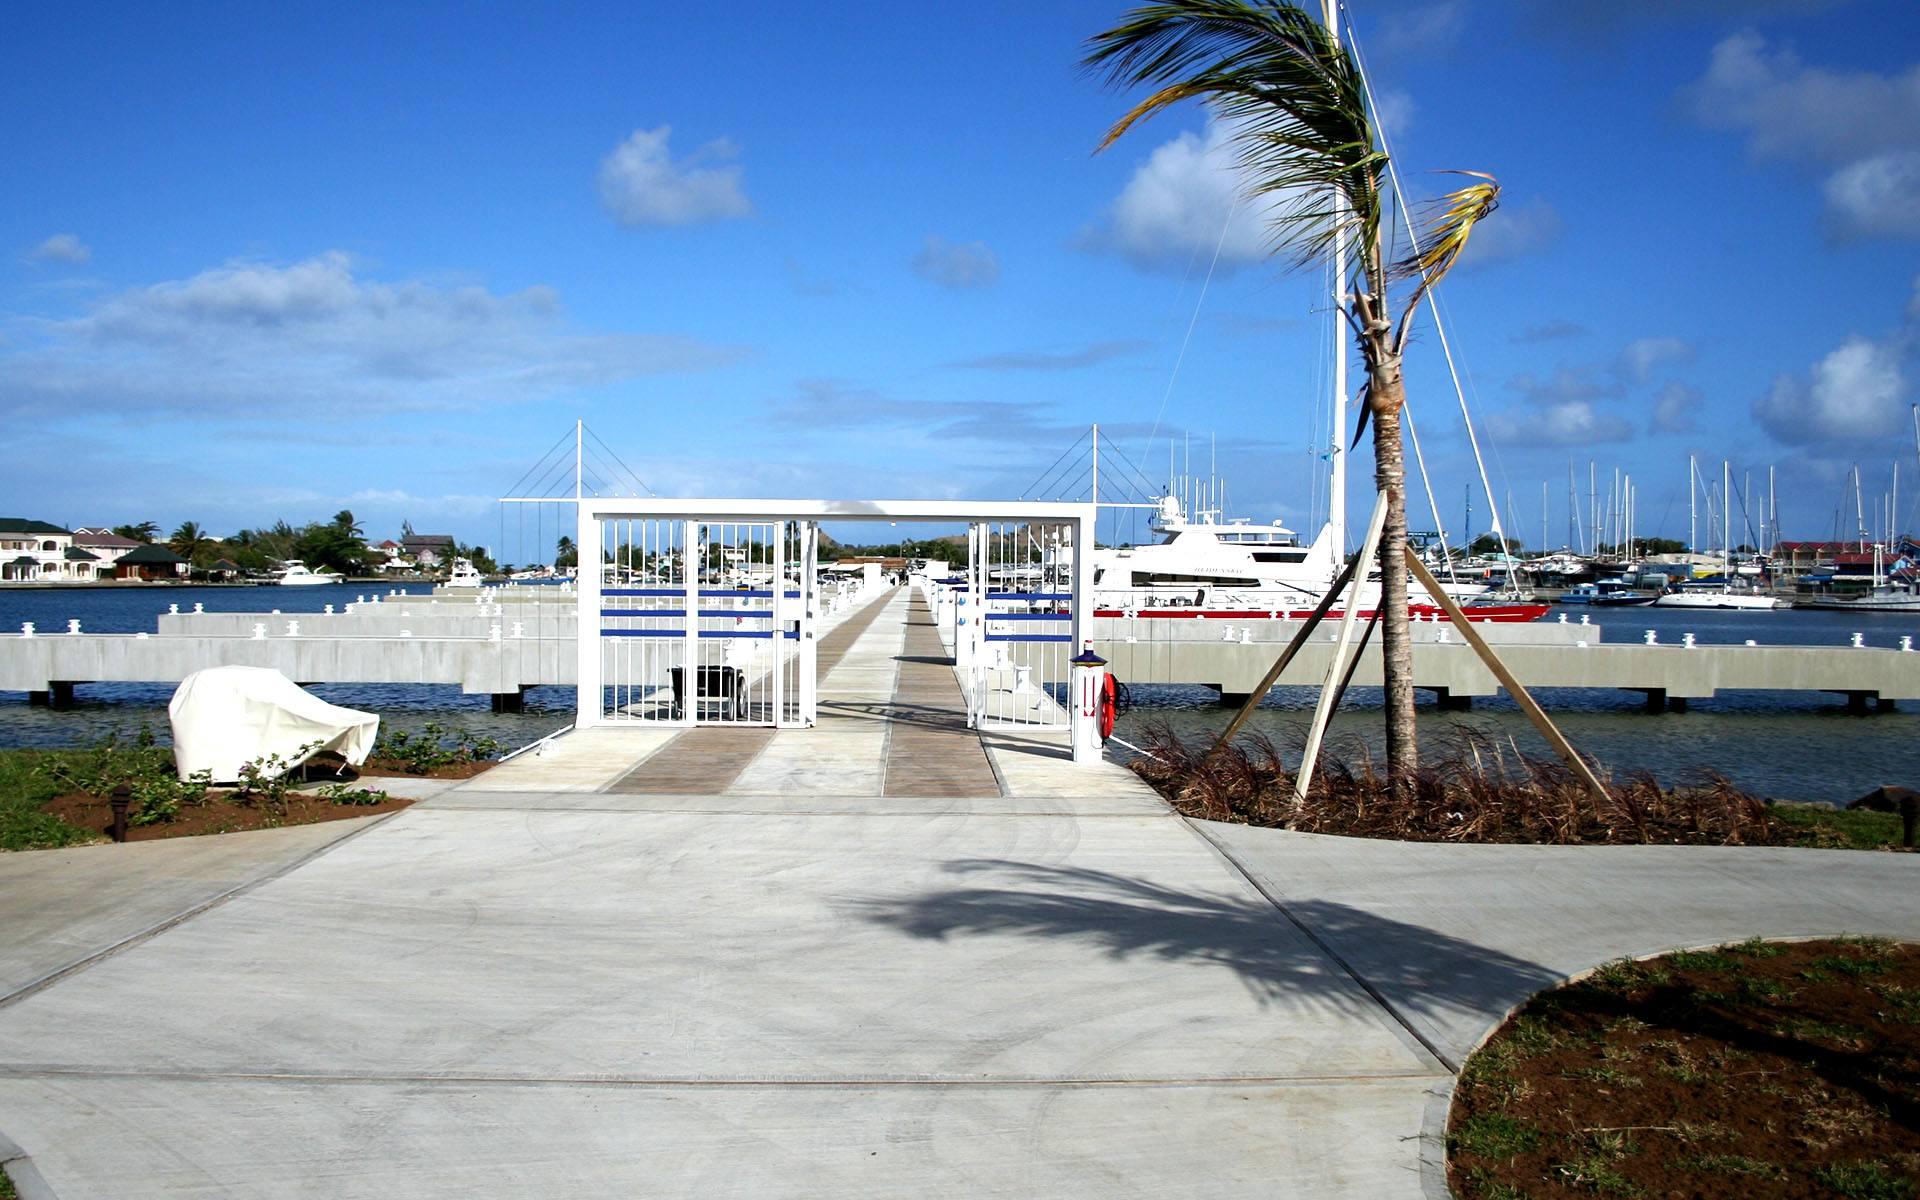 Rodney Bay Marina Rehabilitation Marenco Marine